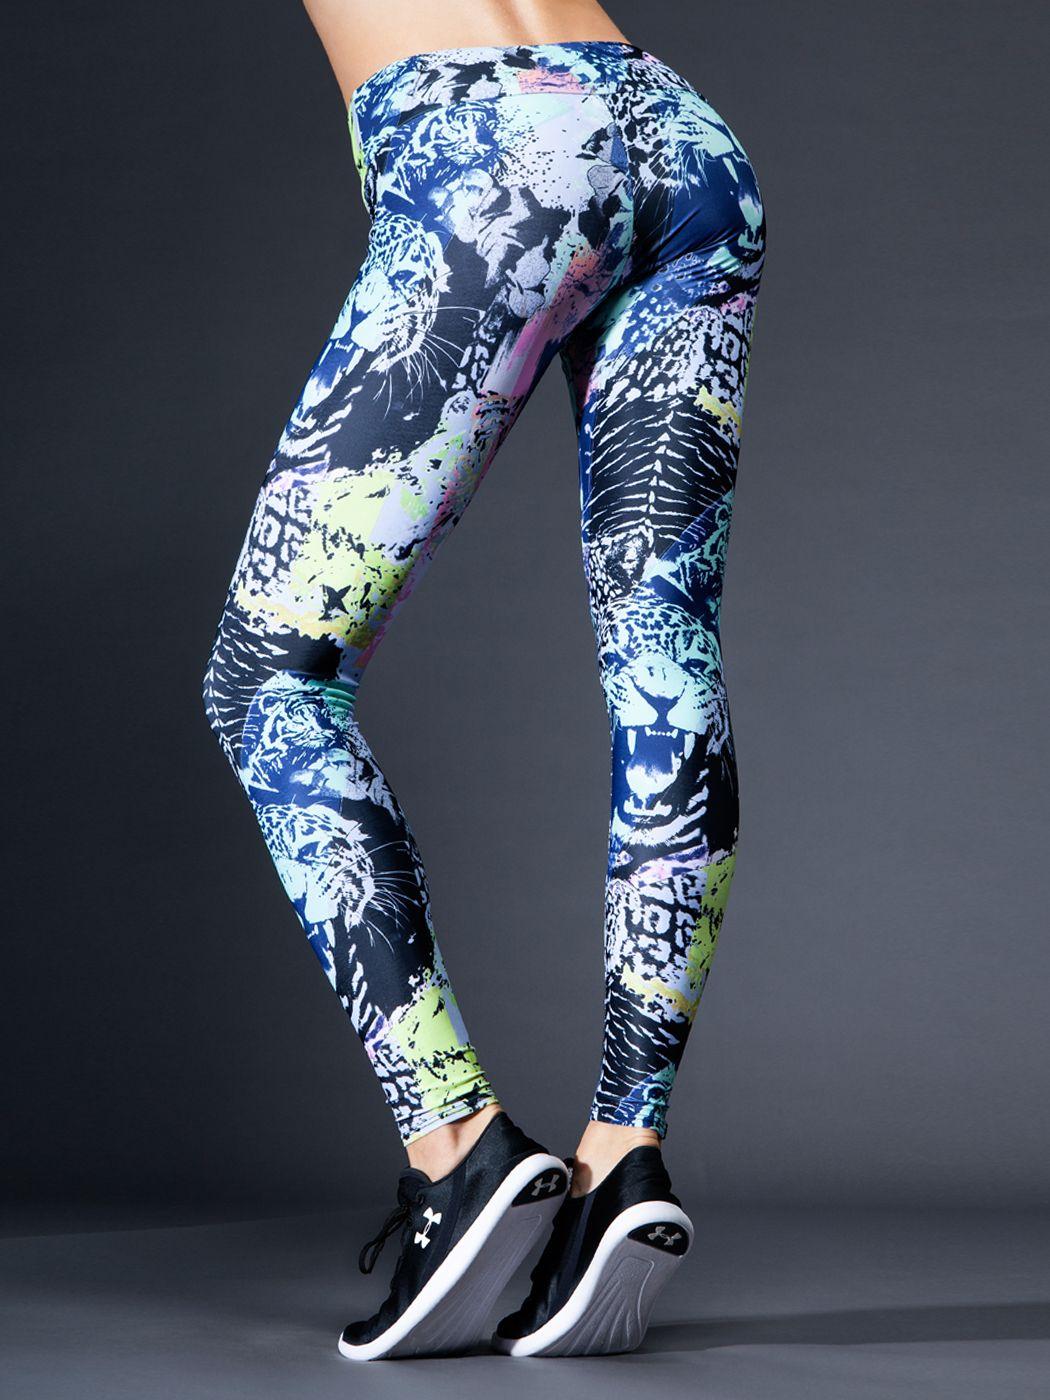 Jungle fever legging leggings bottoms legging